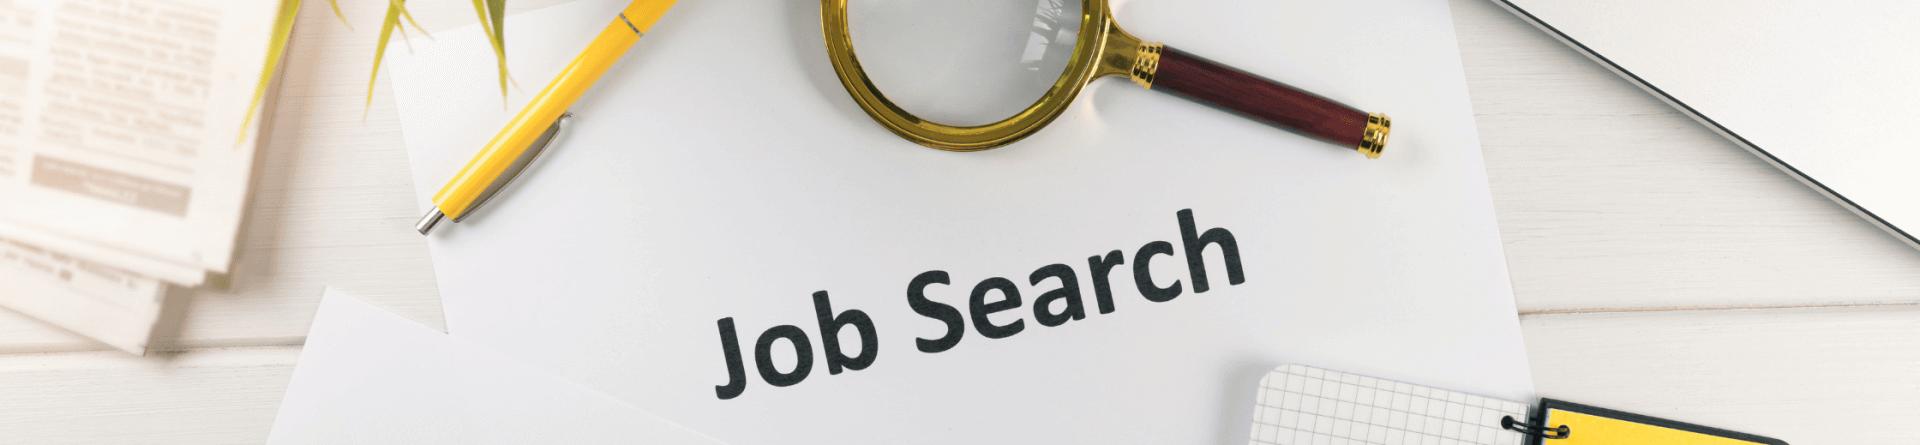 Trabalho na Nova Zelândia: cresce oferta de emprego por falta de candidatos